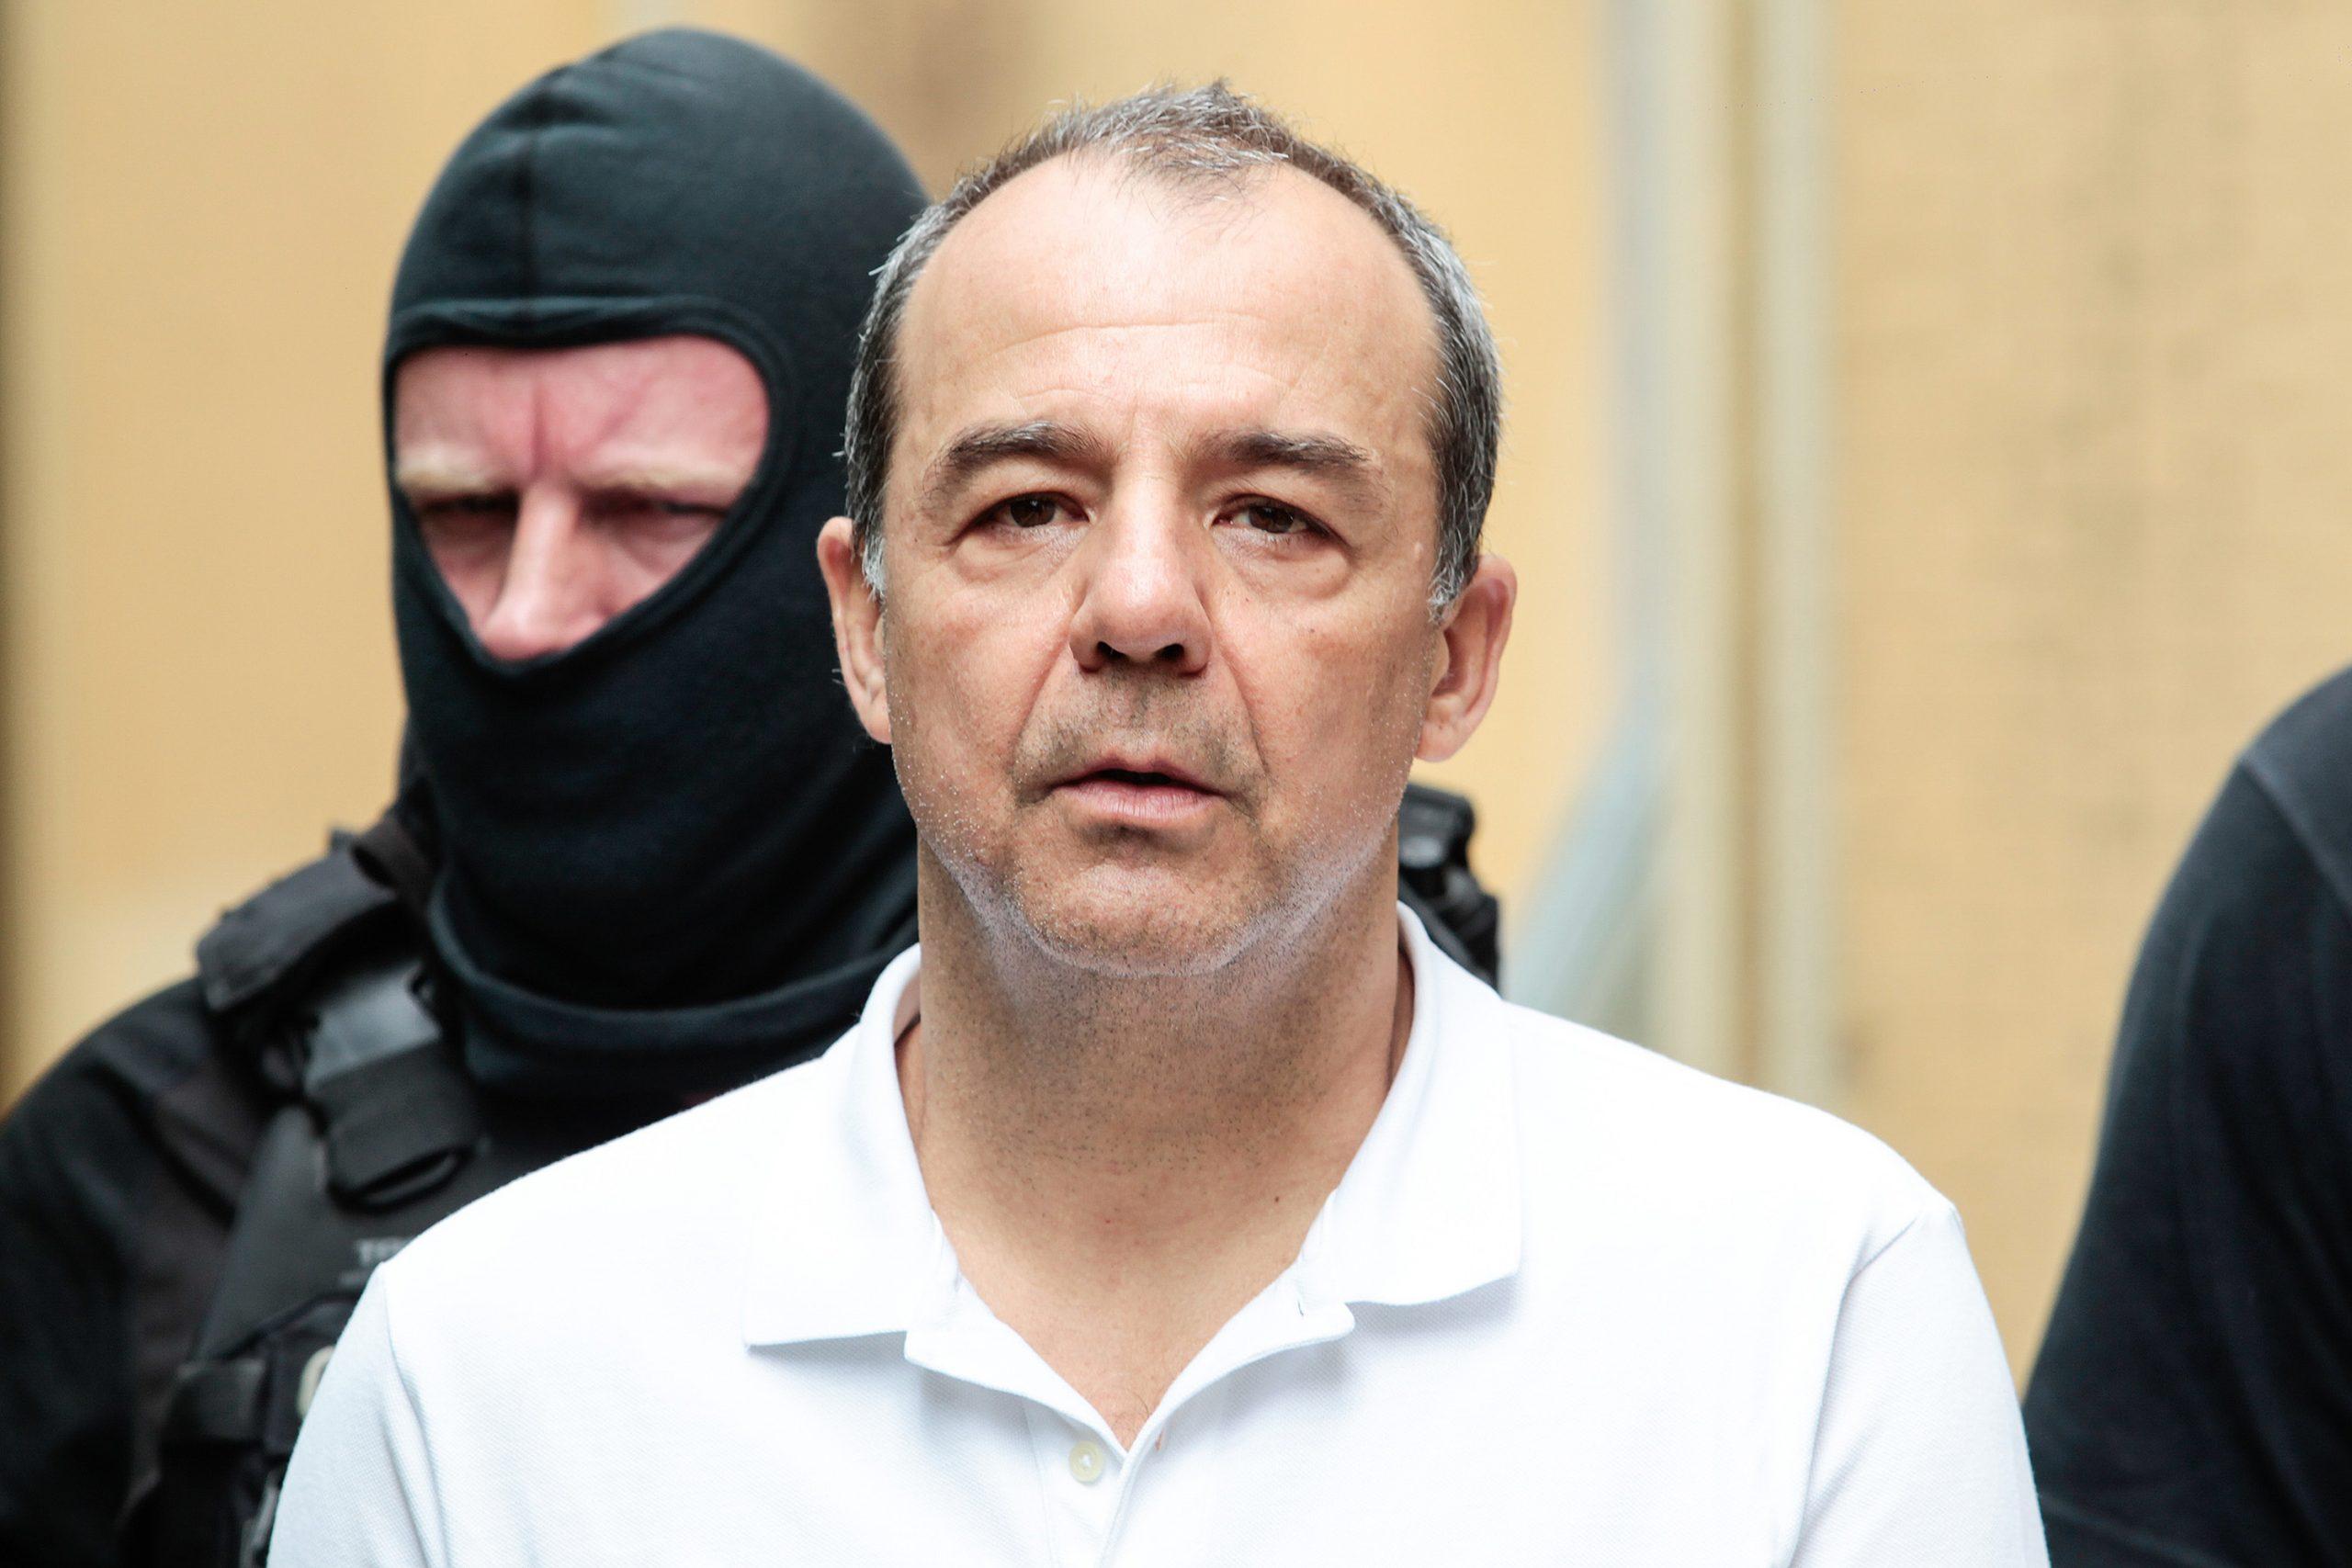 Justiça nega novo pedido de habeas corpus e mantém prisão preventiva de Sérgio Cabral